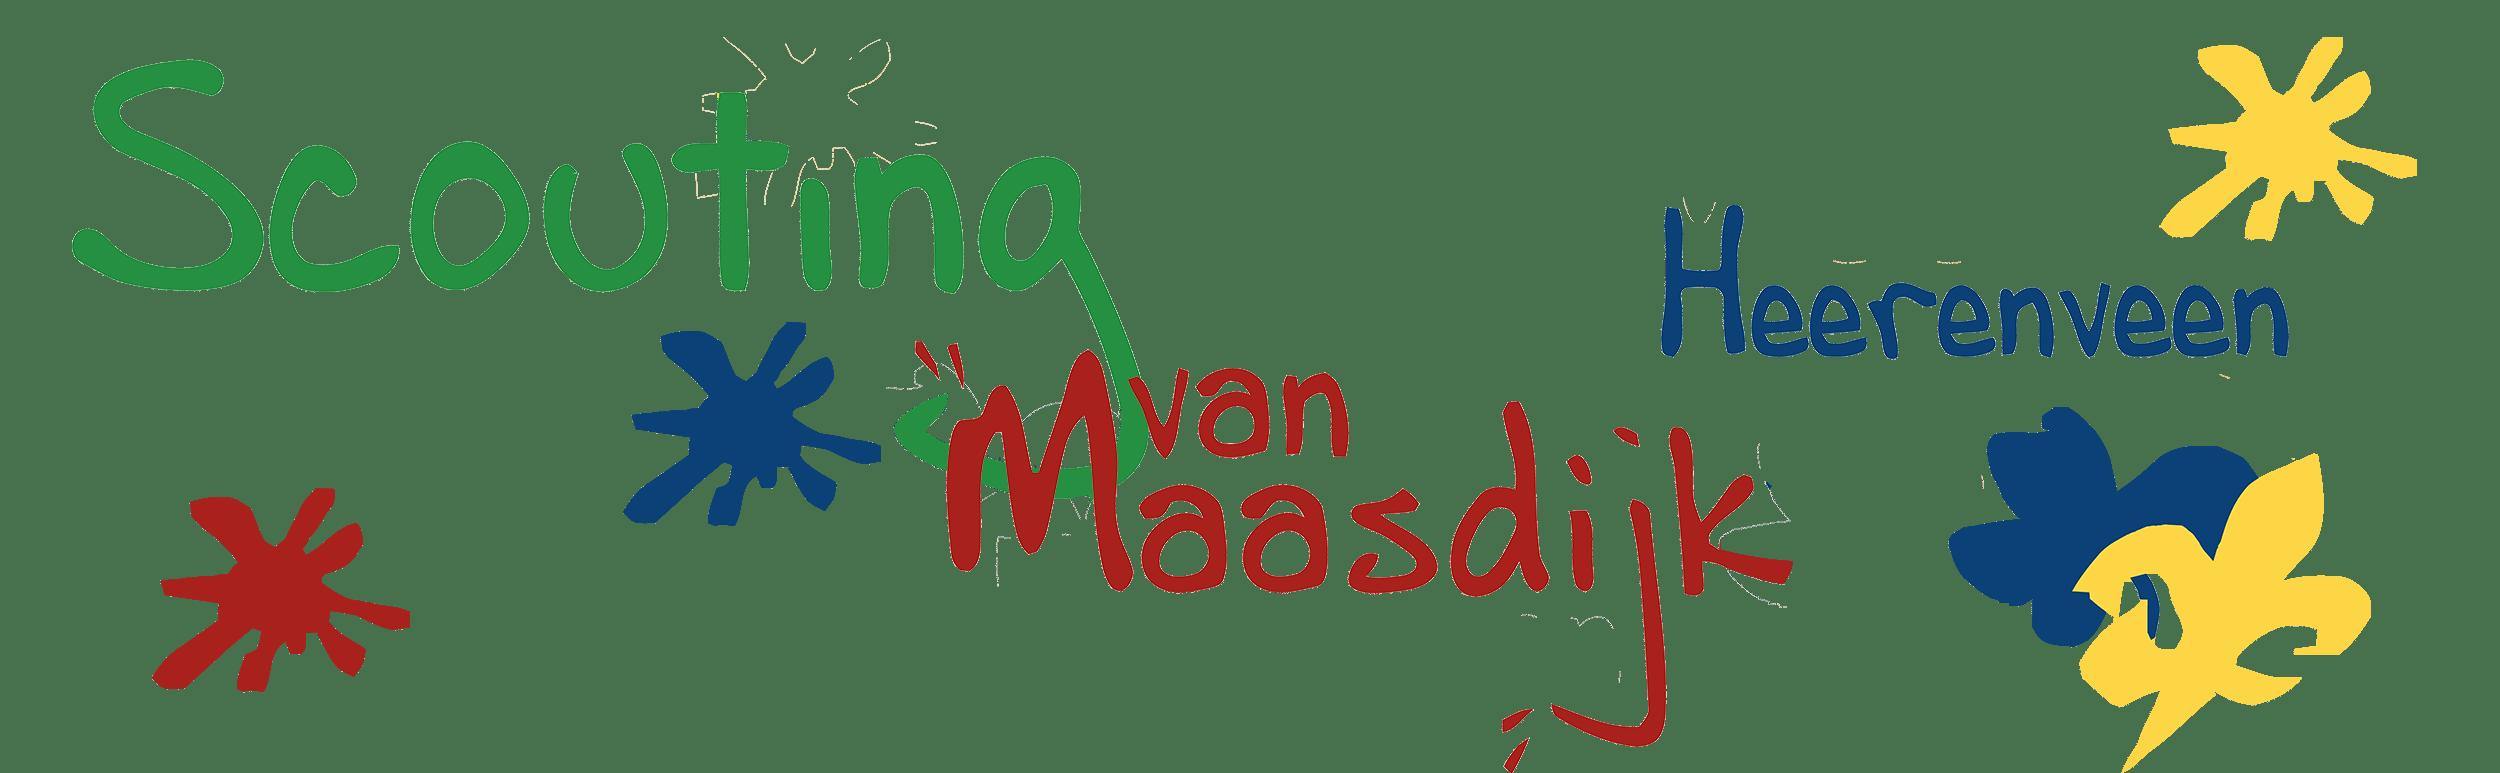 Scouting van Maasdijk